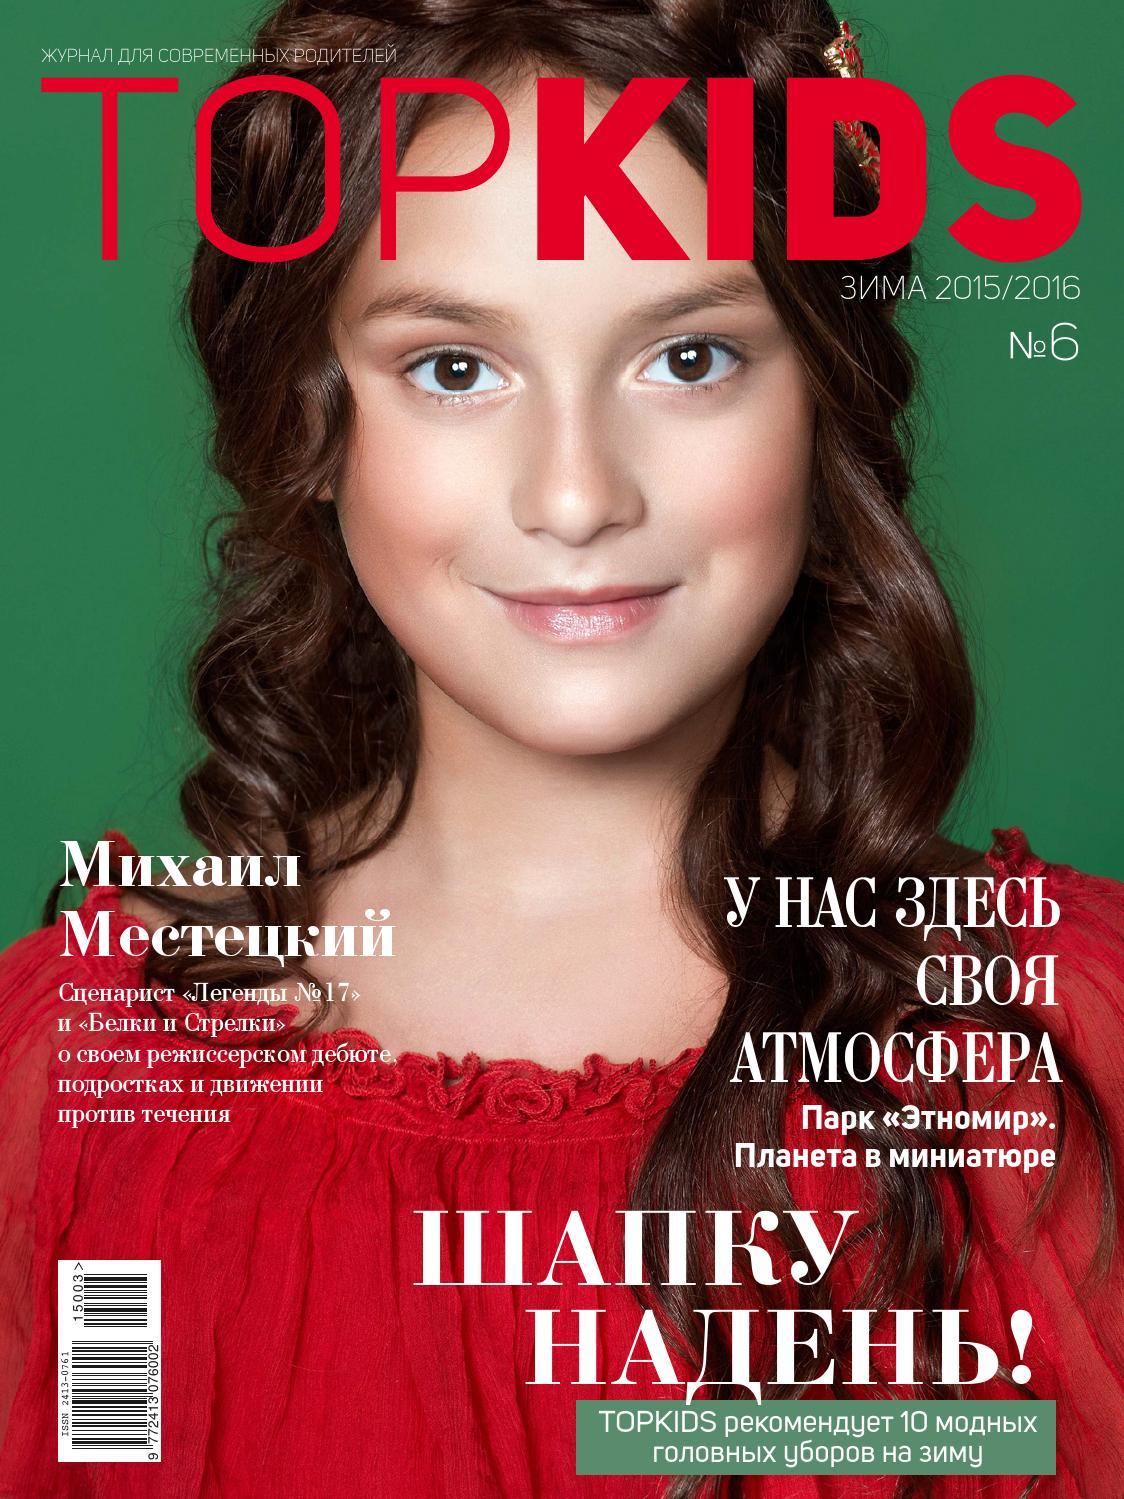 TOPKIDS №6 ЗИМА 2015   2016 by Kseniya Shestak - issuu e560f5008cf91